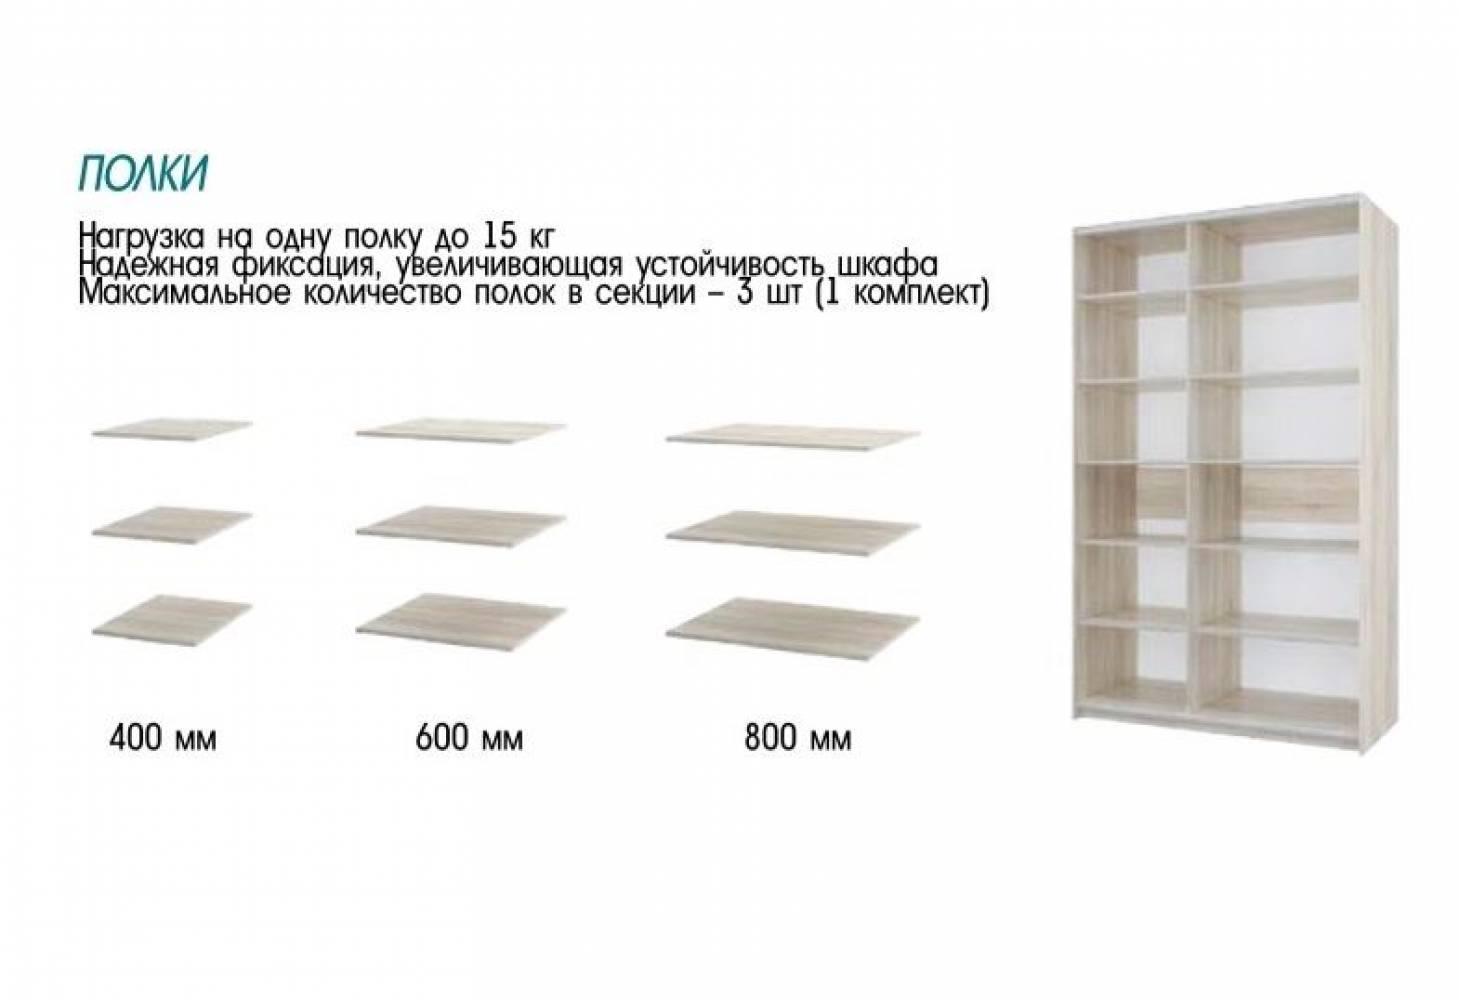 Шкаф Фортуна-10 (1600) 400/400/400/400